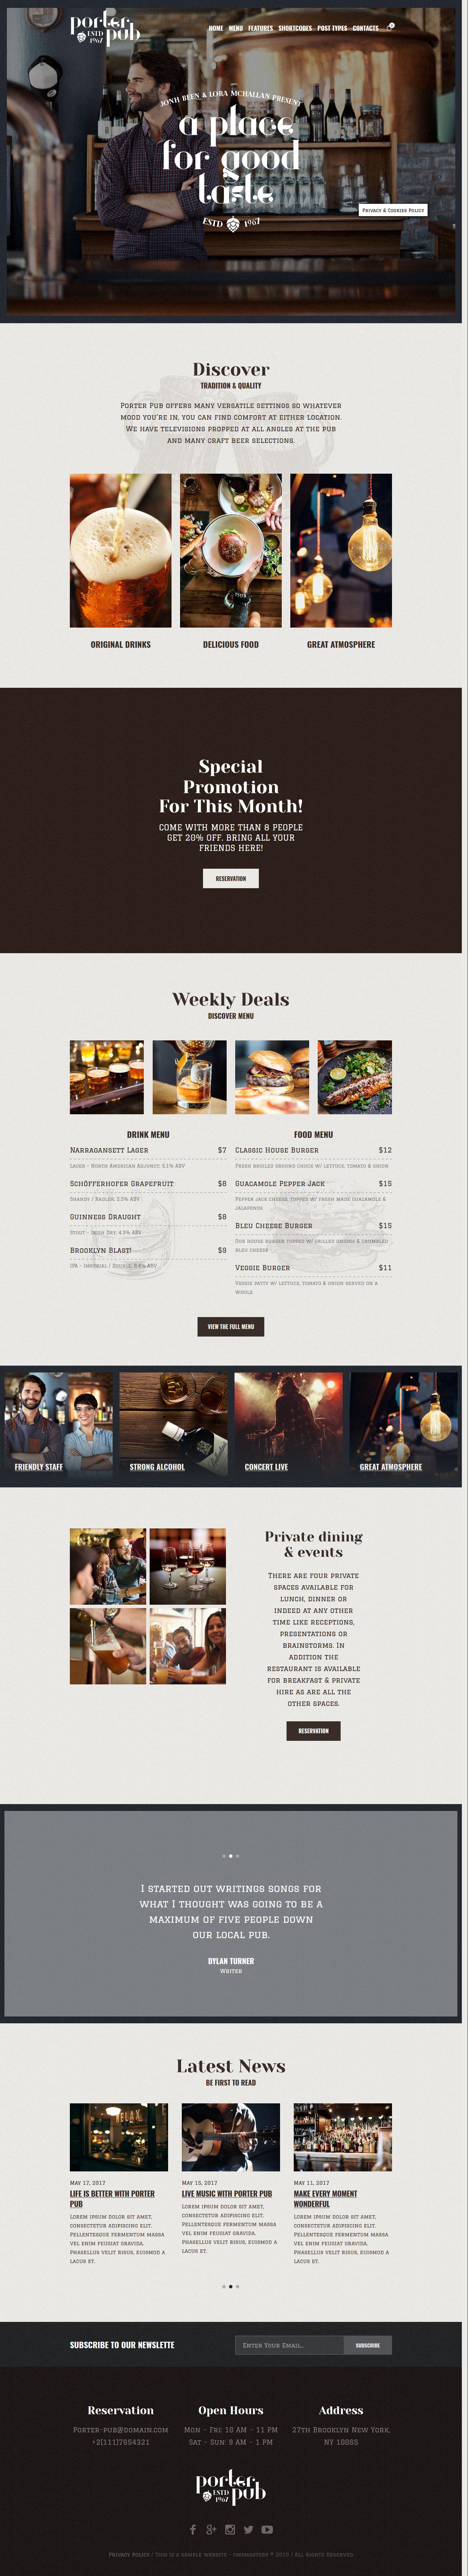 porter pub best premium bar pub wordpress them - 10+ Best Premium Bar and Pub WordPress Themes